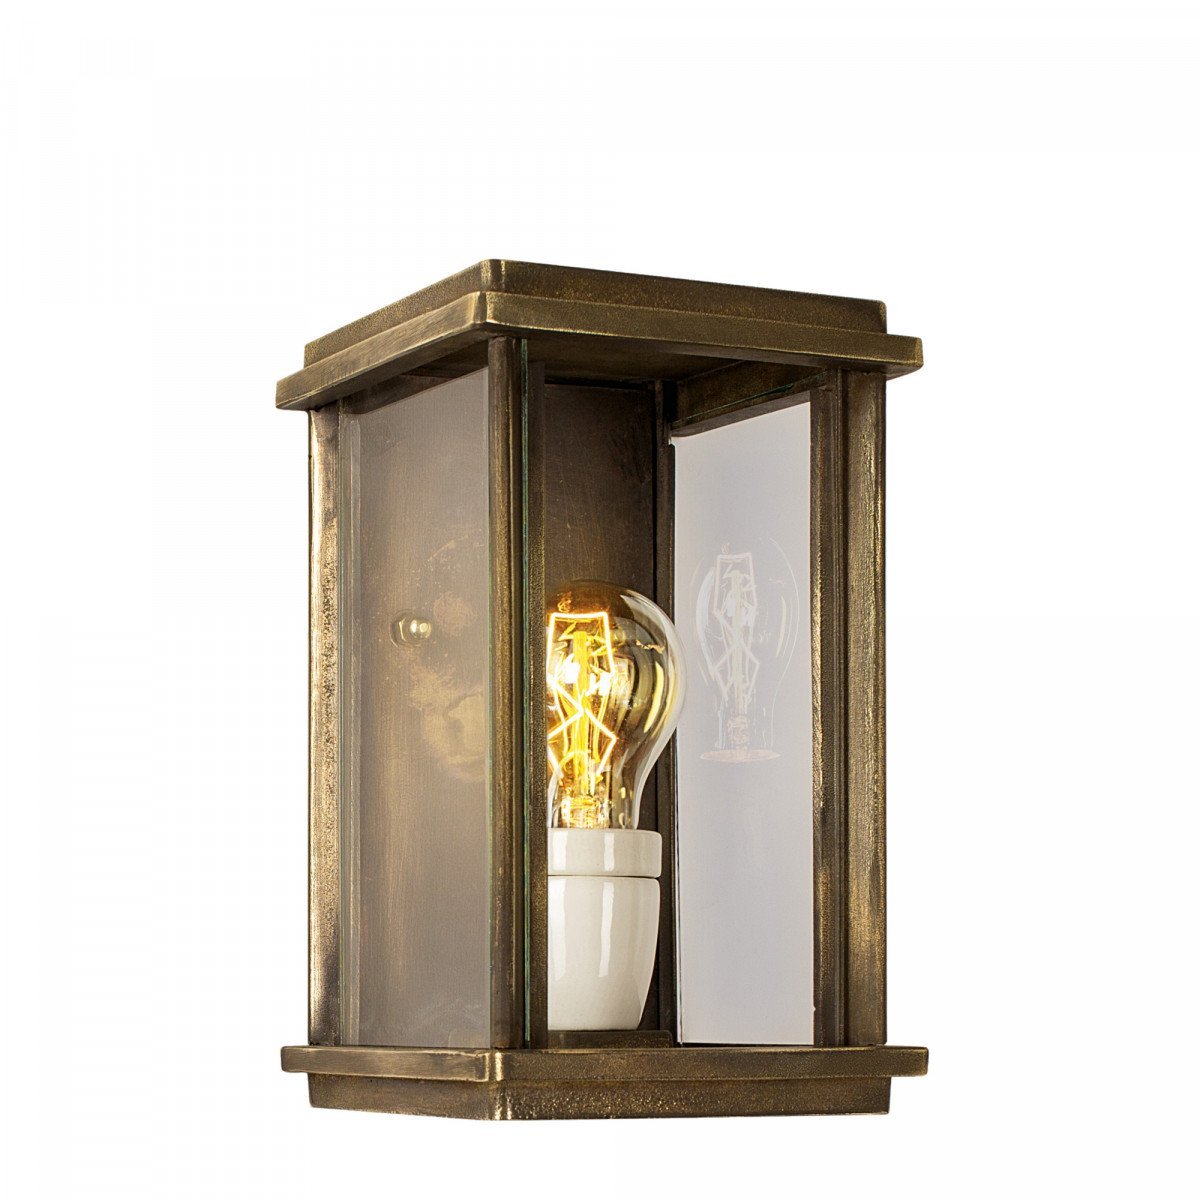 bronzen buitenlamp Capital muurlamp brons volledig onderhoudsvrije buitenverlichting van KS verlichting